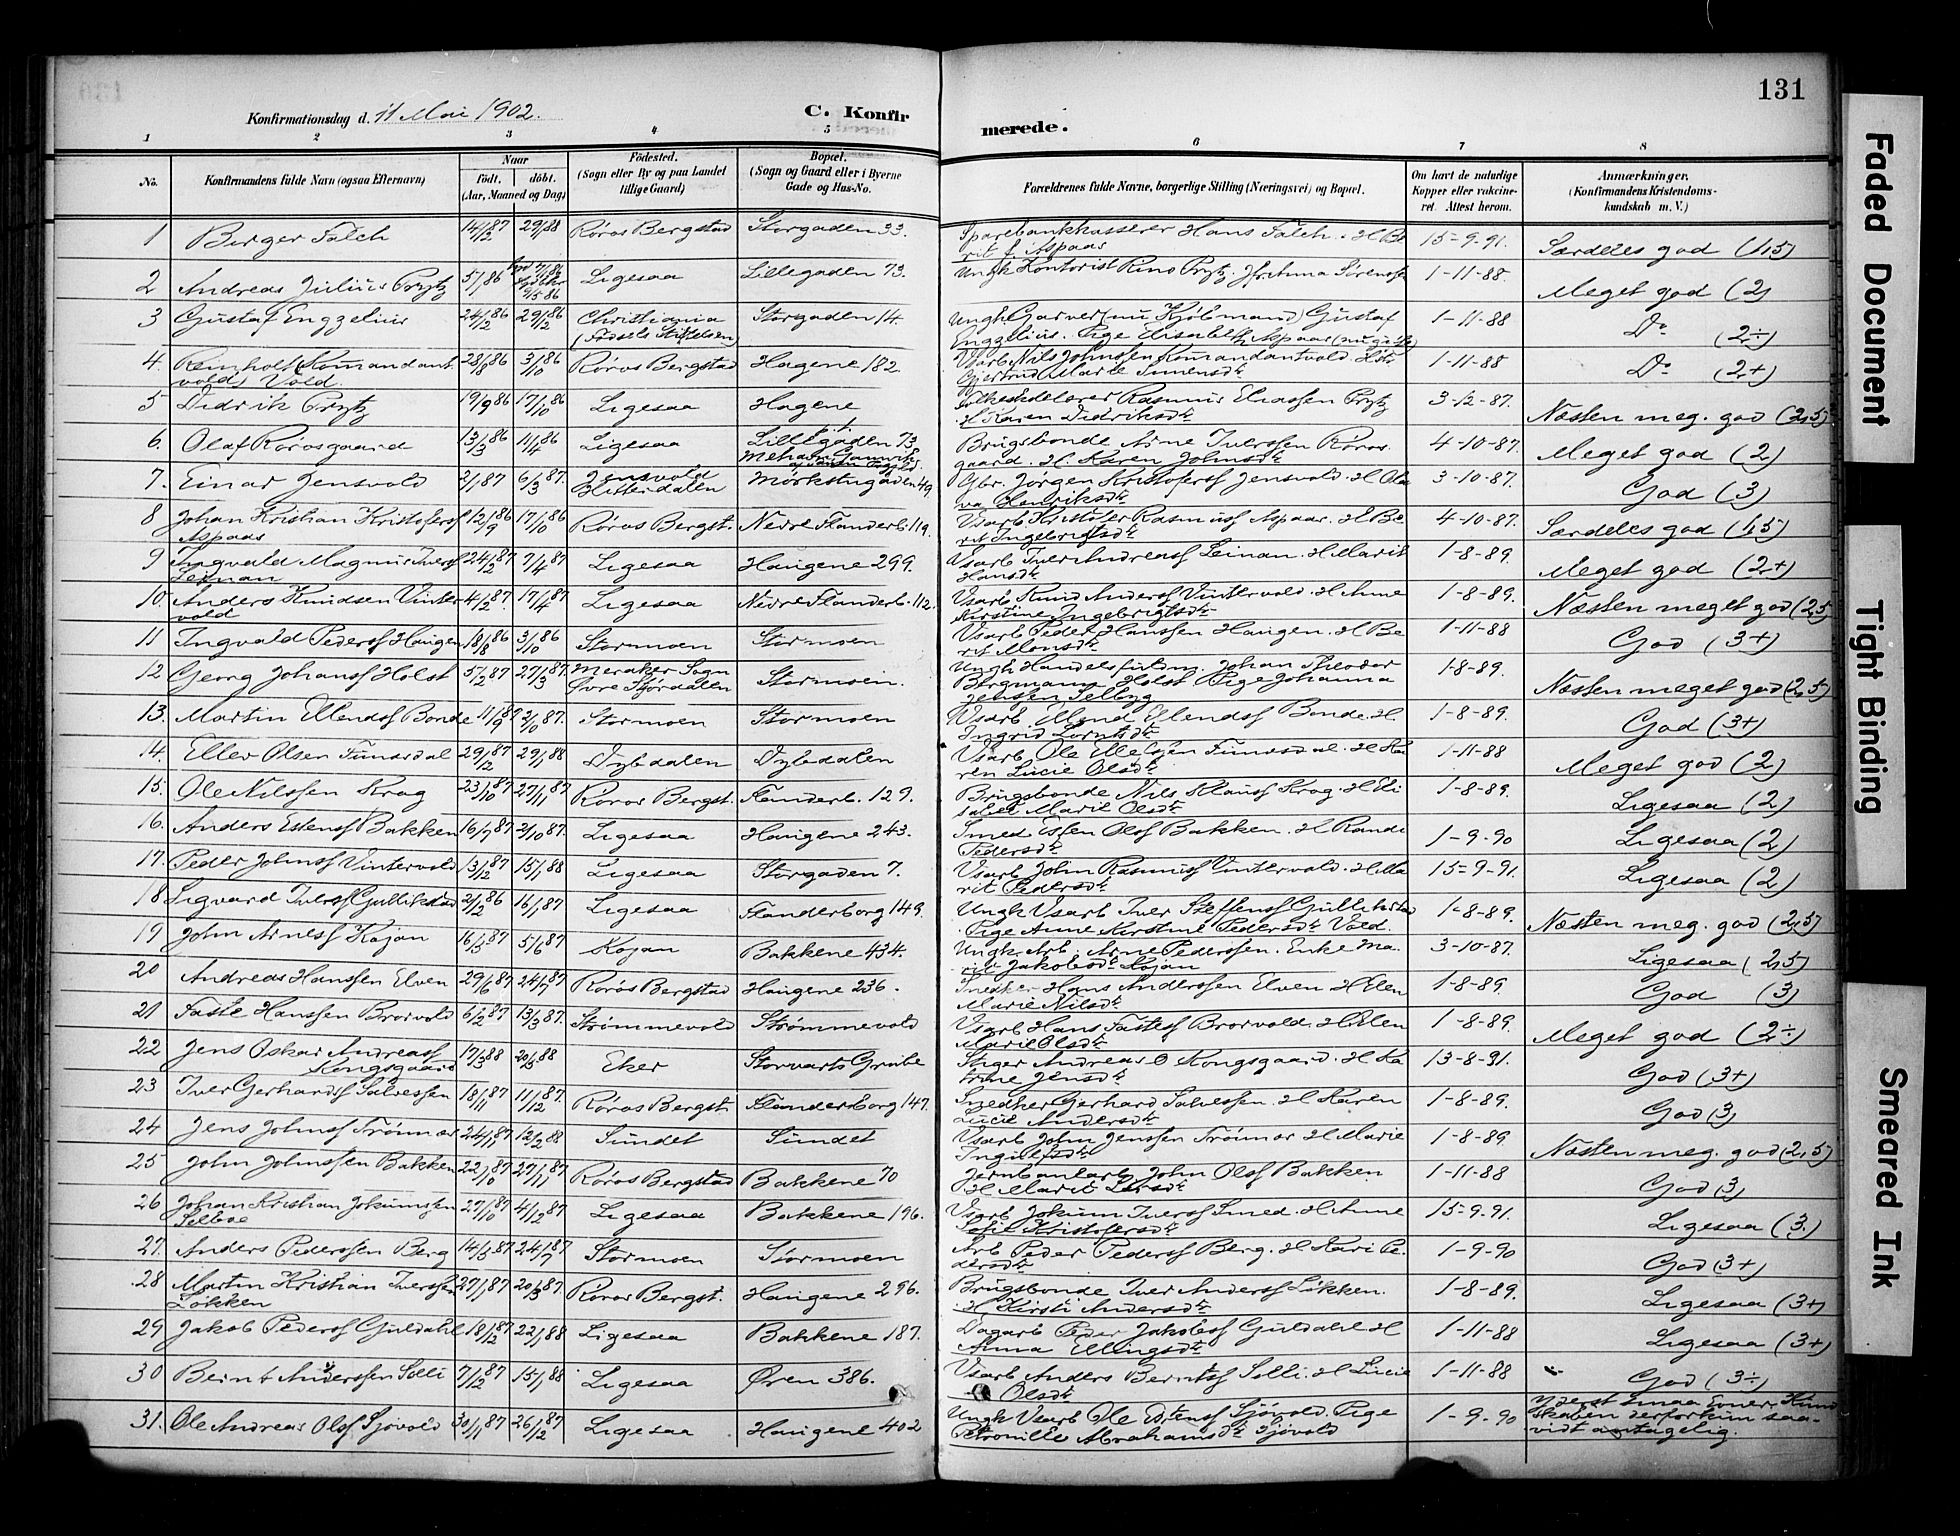 SAT, Ministerialprotokoller, klokkerbøker og fødselsregistre - Sør-Trøndelag, 681/L0936: Ministerialbok nr. 681A14, 1899-1908, s. 131